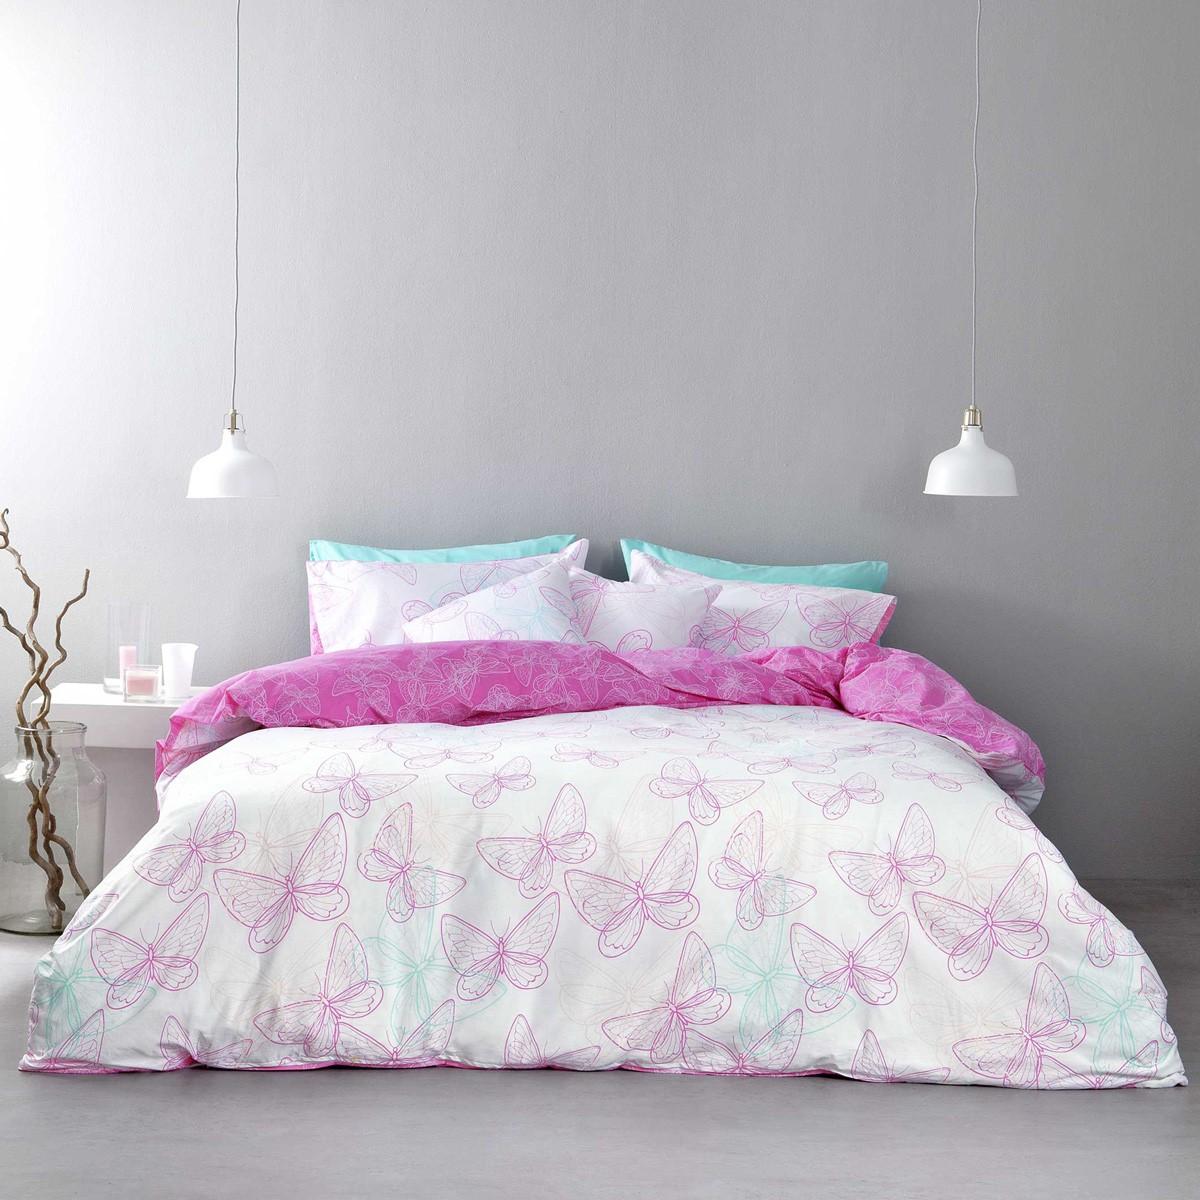 Κουβερλί Υπέρδιπλο Nima Bed Linen Farfalita Pink